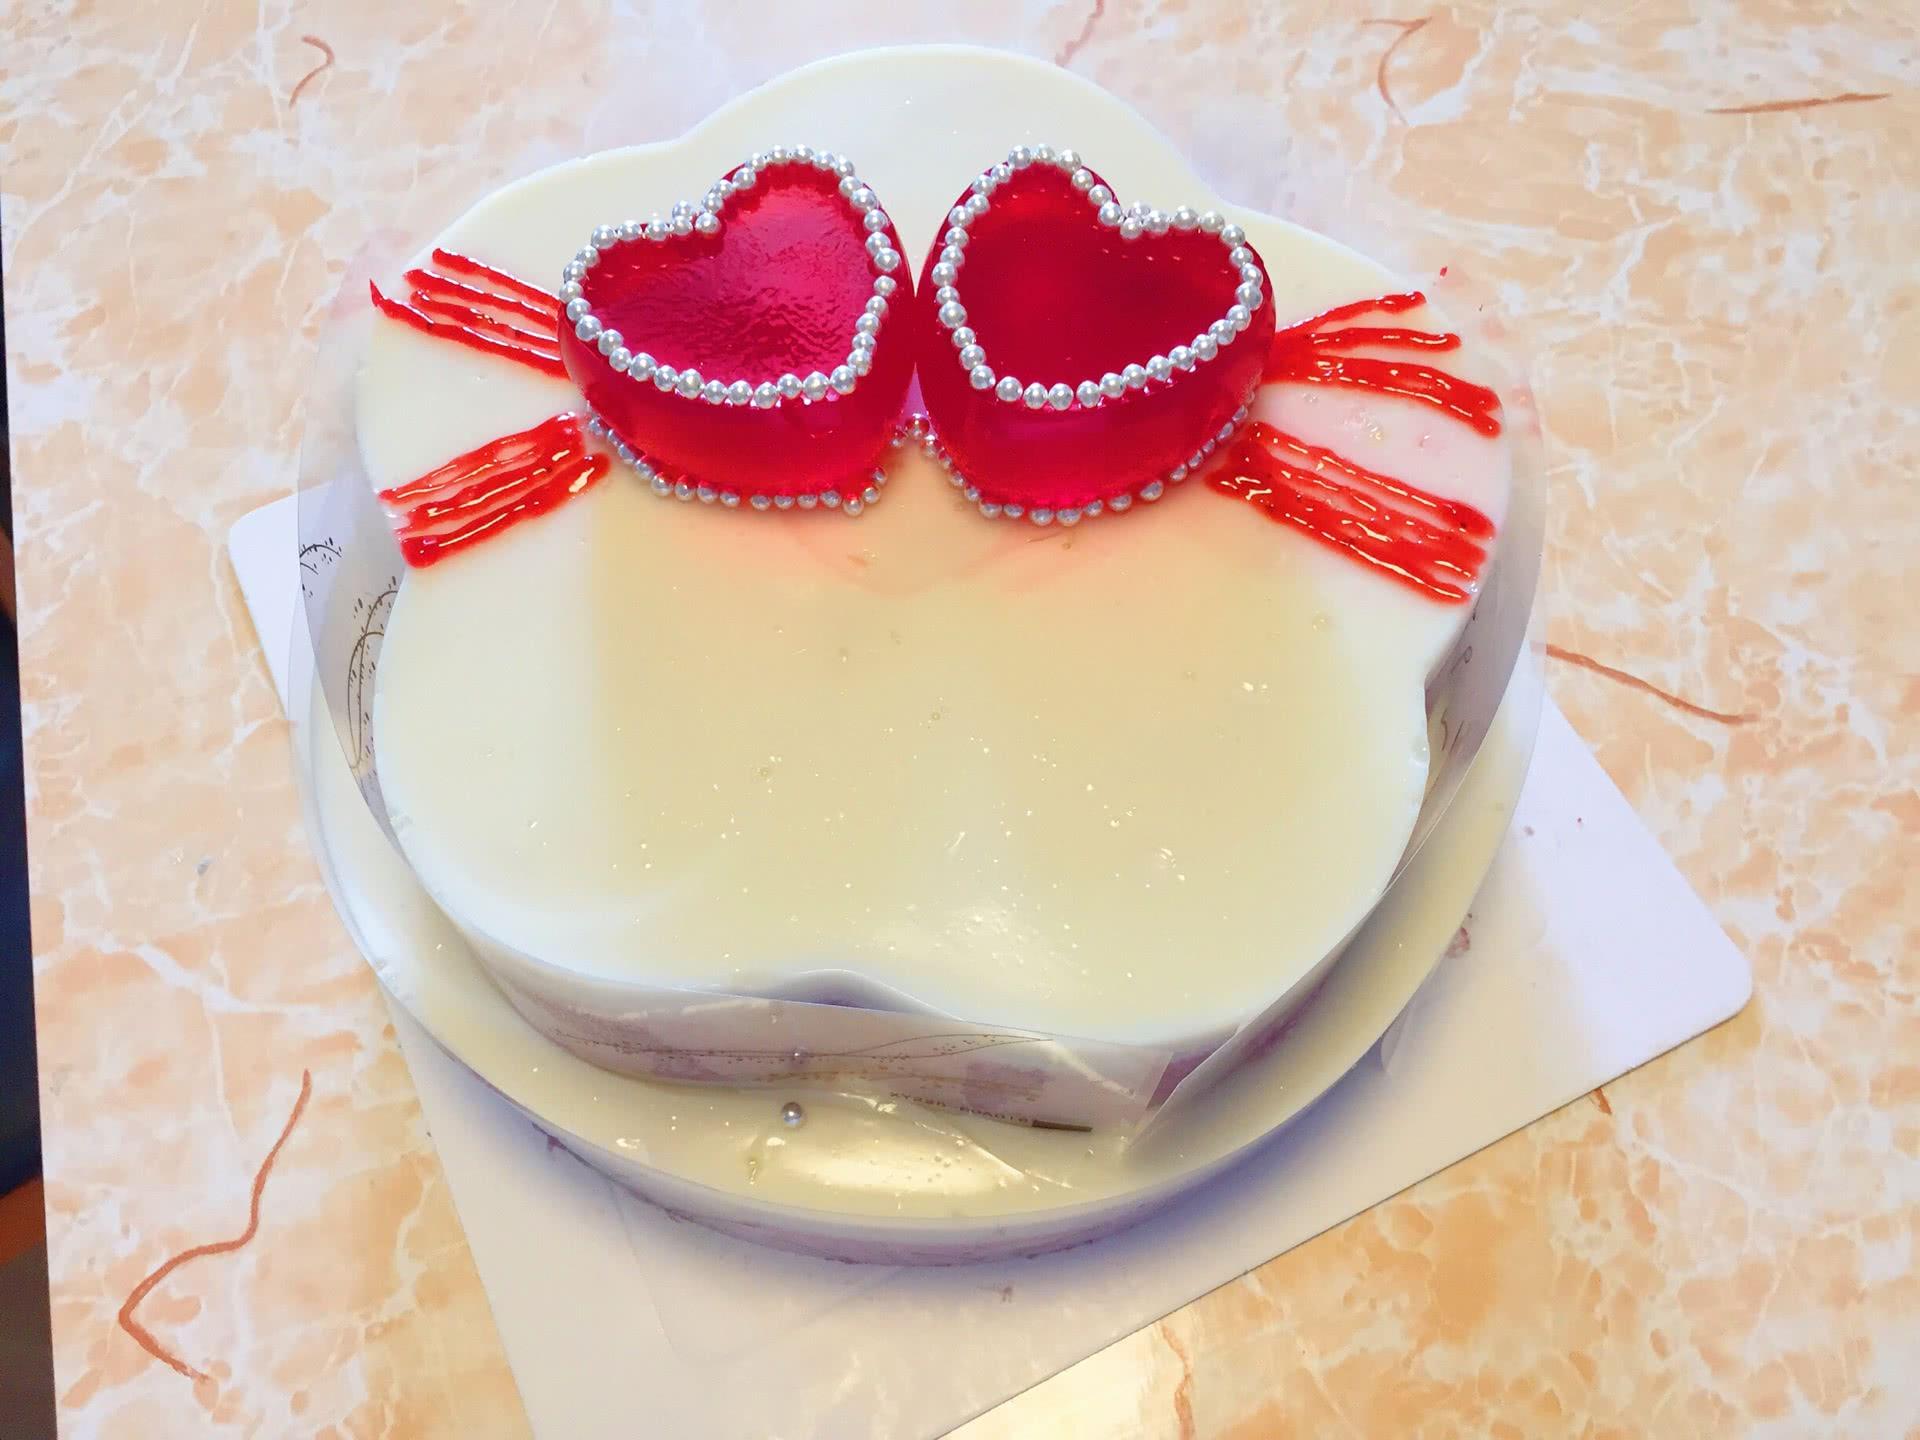 红宝石婚宴芝士蛋糕的做法图解18